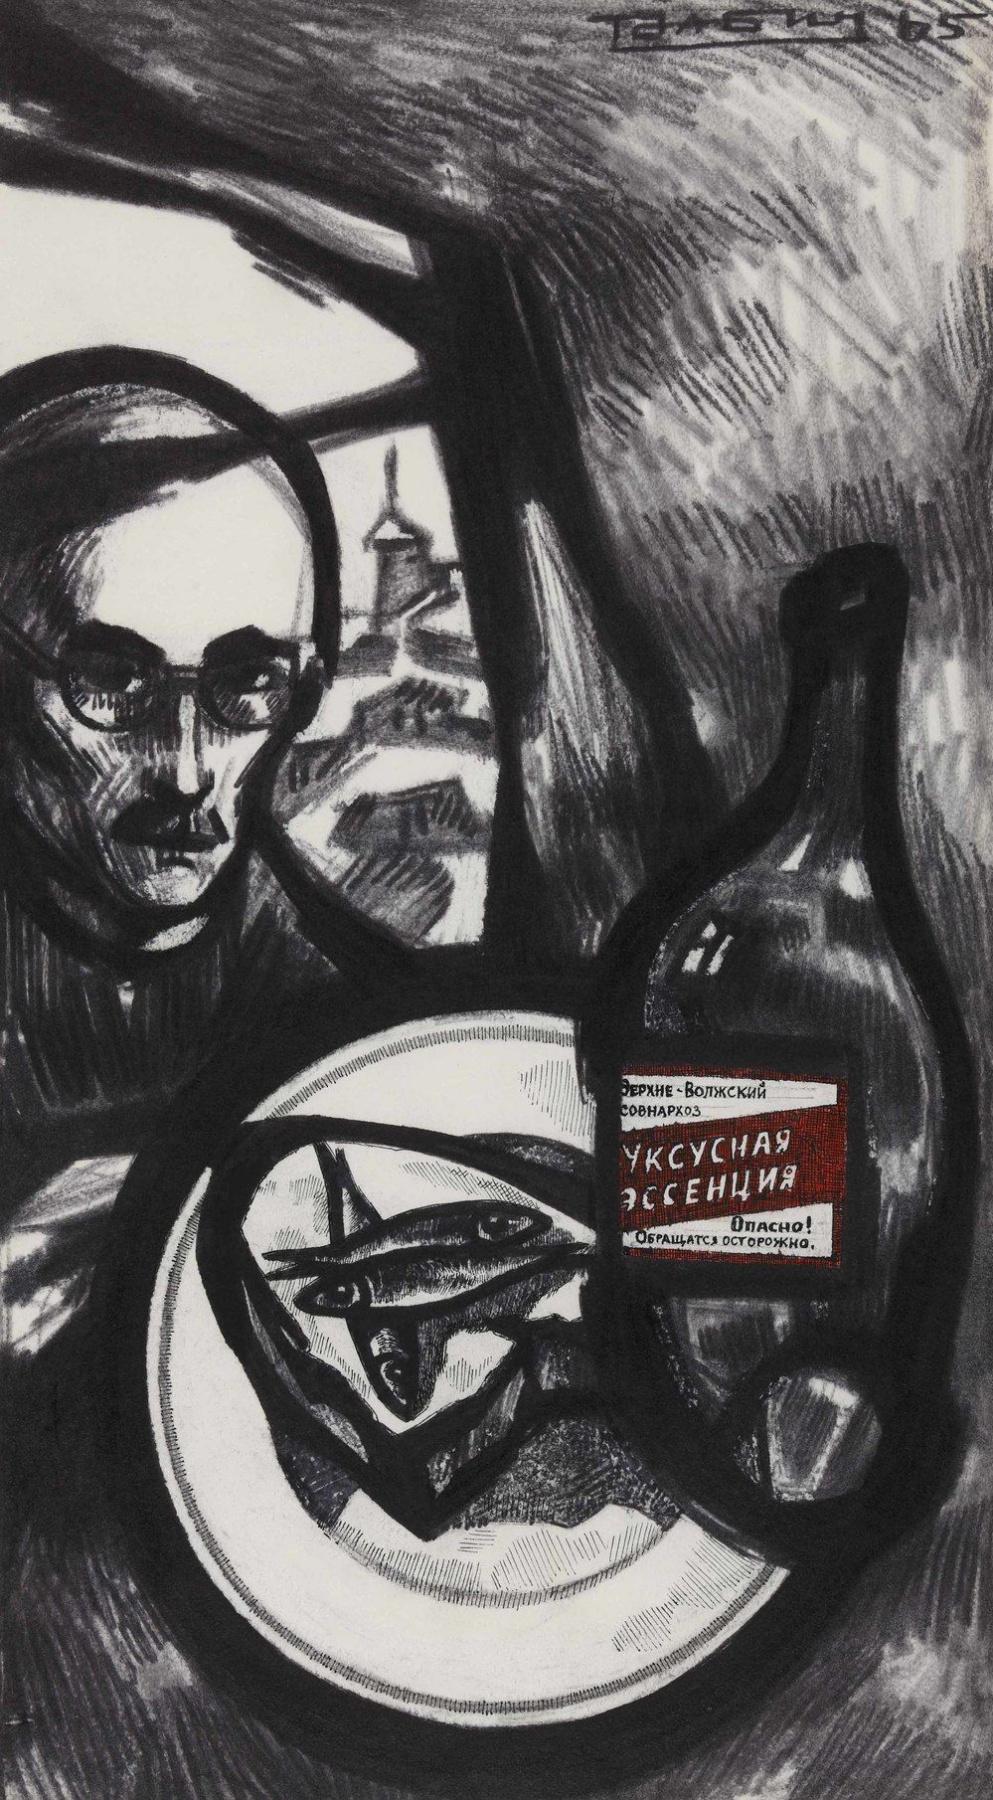 Оскар Яковлевич Рабин. Автопортрет с рыбой и уксусной эссенцией